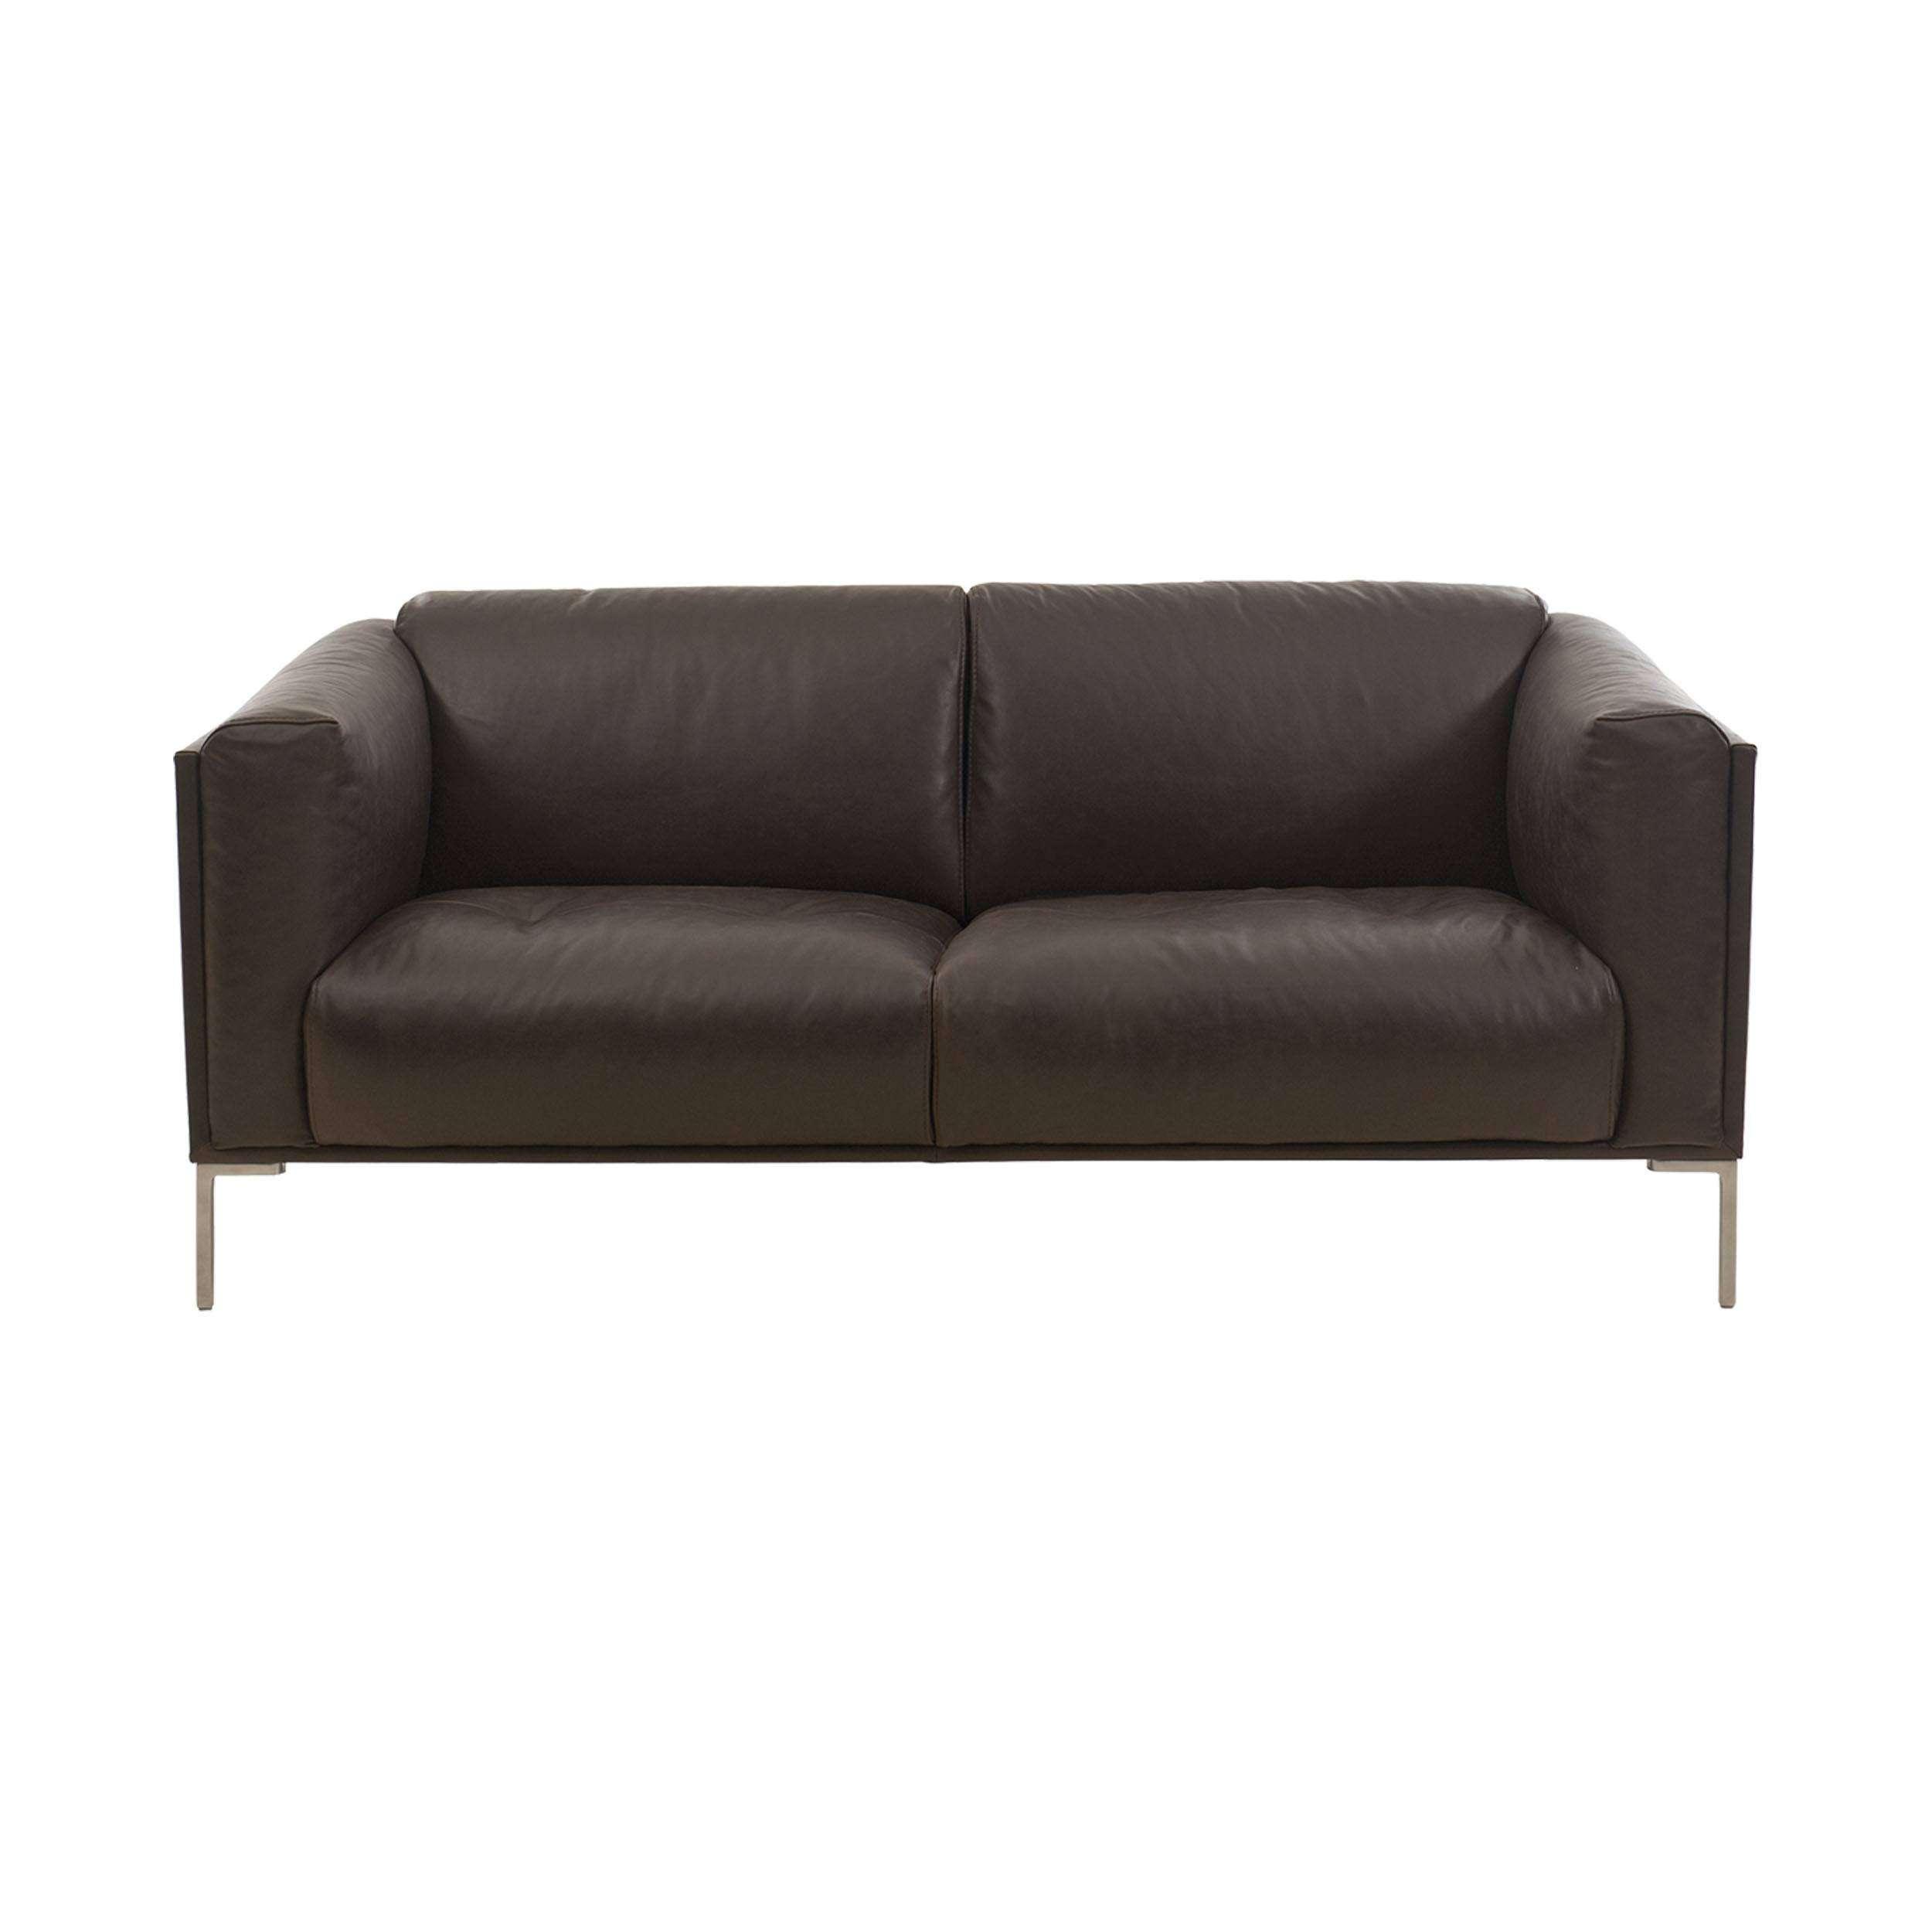 Full Size of Leder Sofa 2 Sitzer Wei Preisvergleich Besten Elektrische Fußbodenheizung Bad Mit Elektrischer Sitztiefenverstellung Elektrisch Relaxfunktion Wohnzimmer Relaxsofa Elektrisch